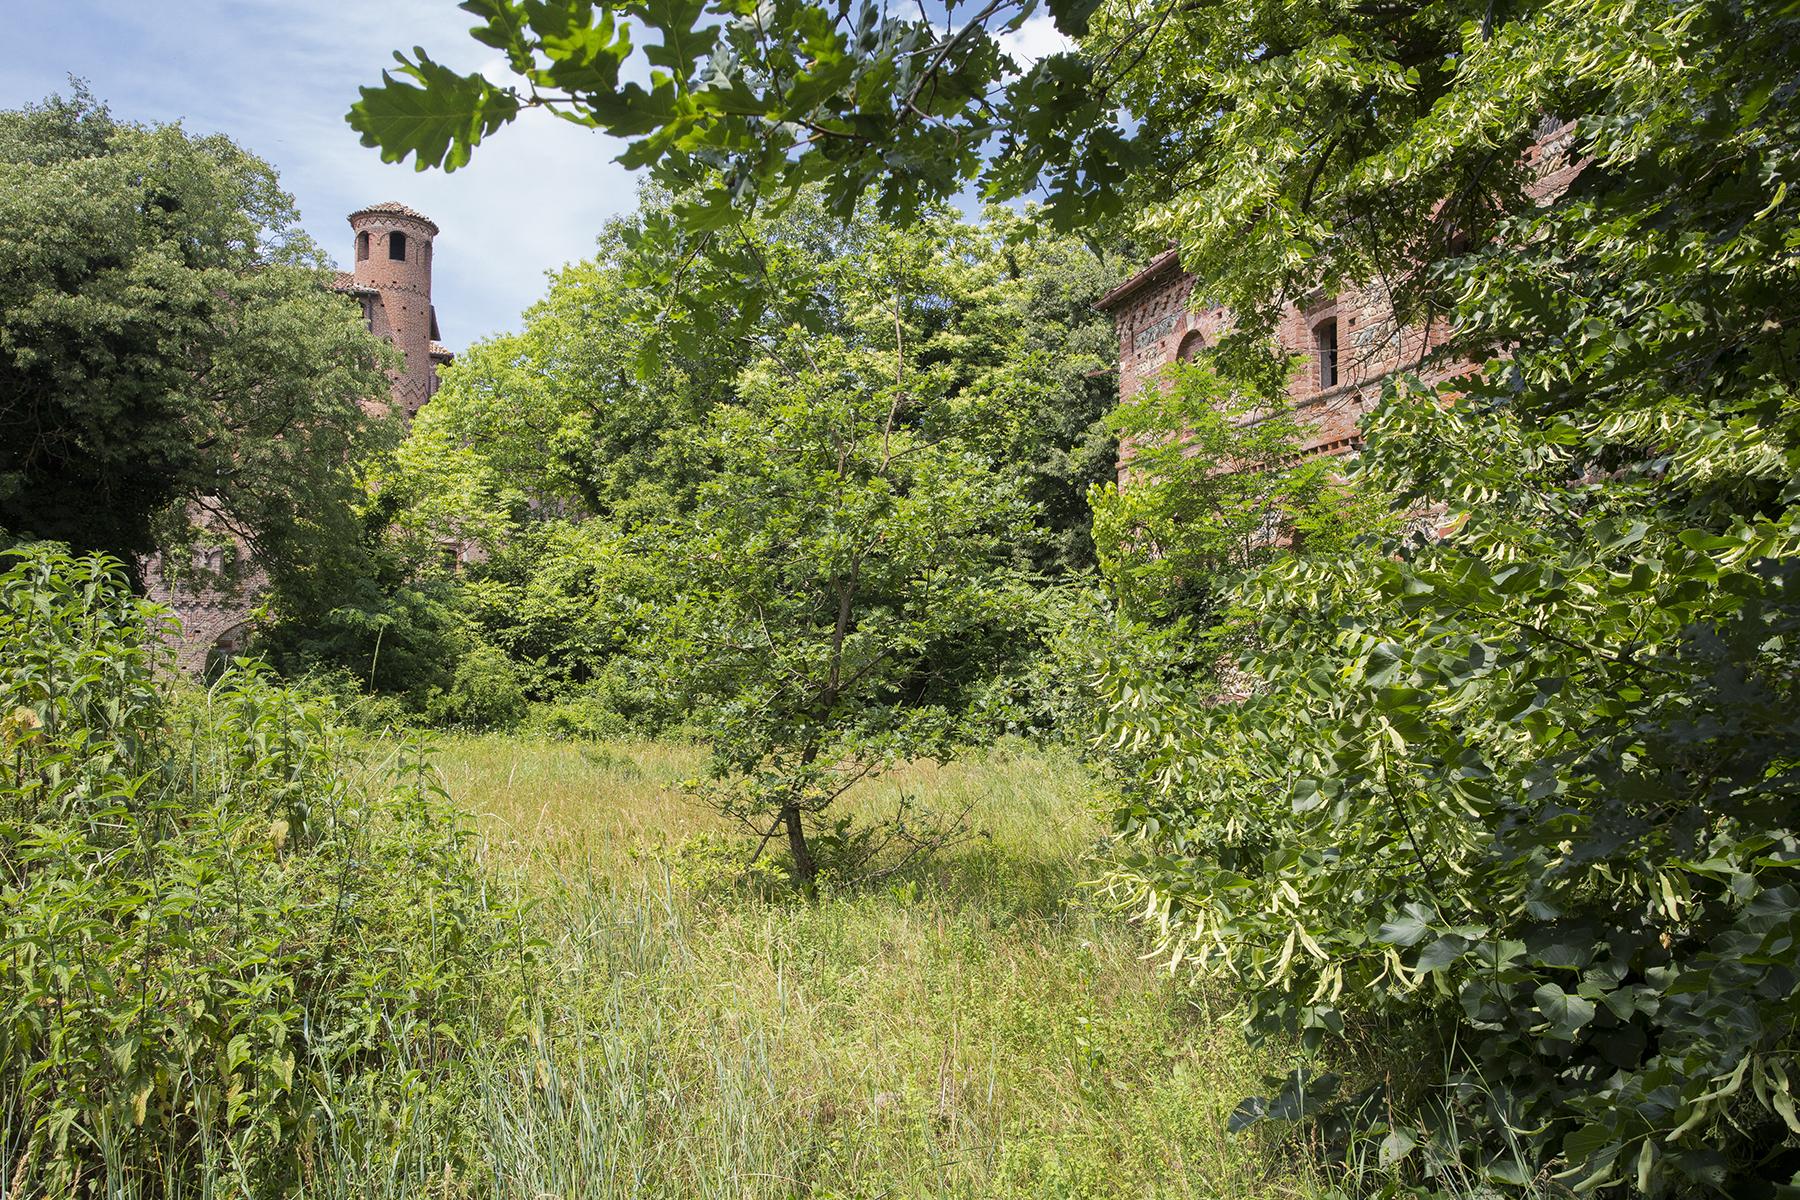 Additional photo for property listing at Farmhouse in the Gavi hills Strada di Monterotondo Gavi Novi Ligure, Alessandria 15060 Italy